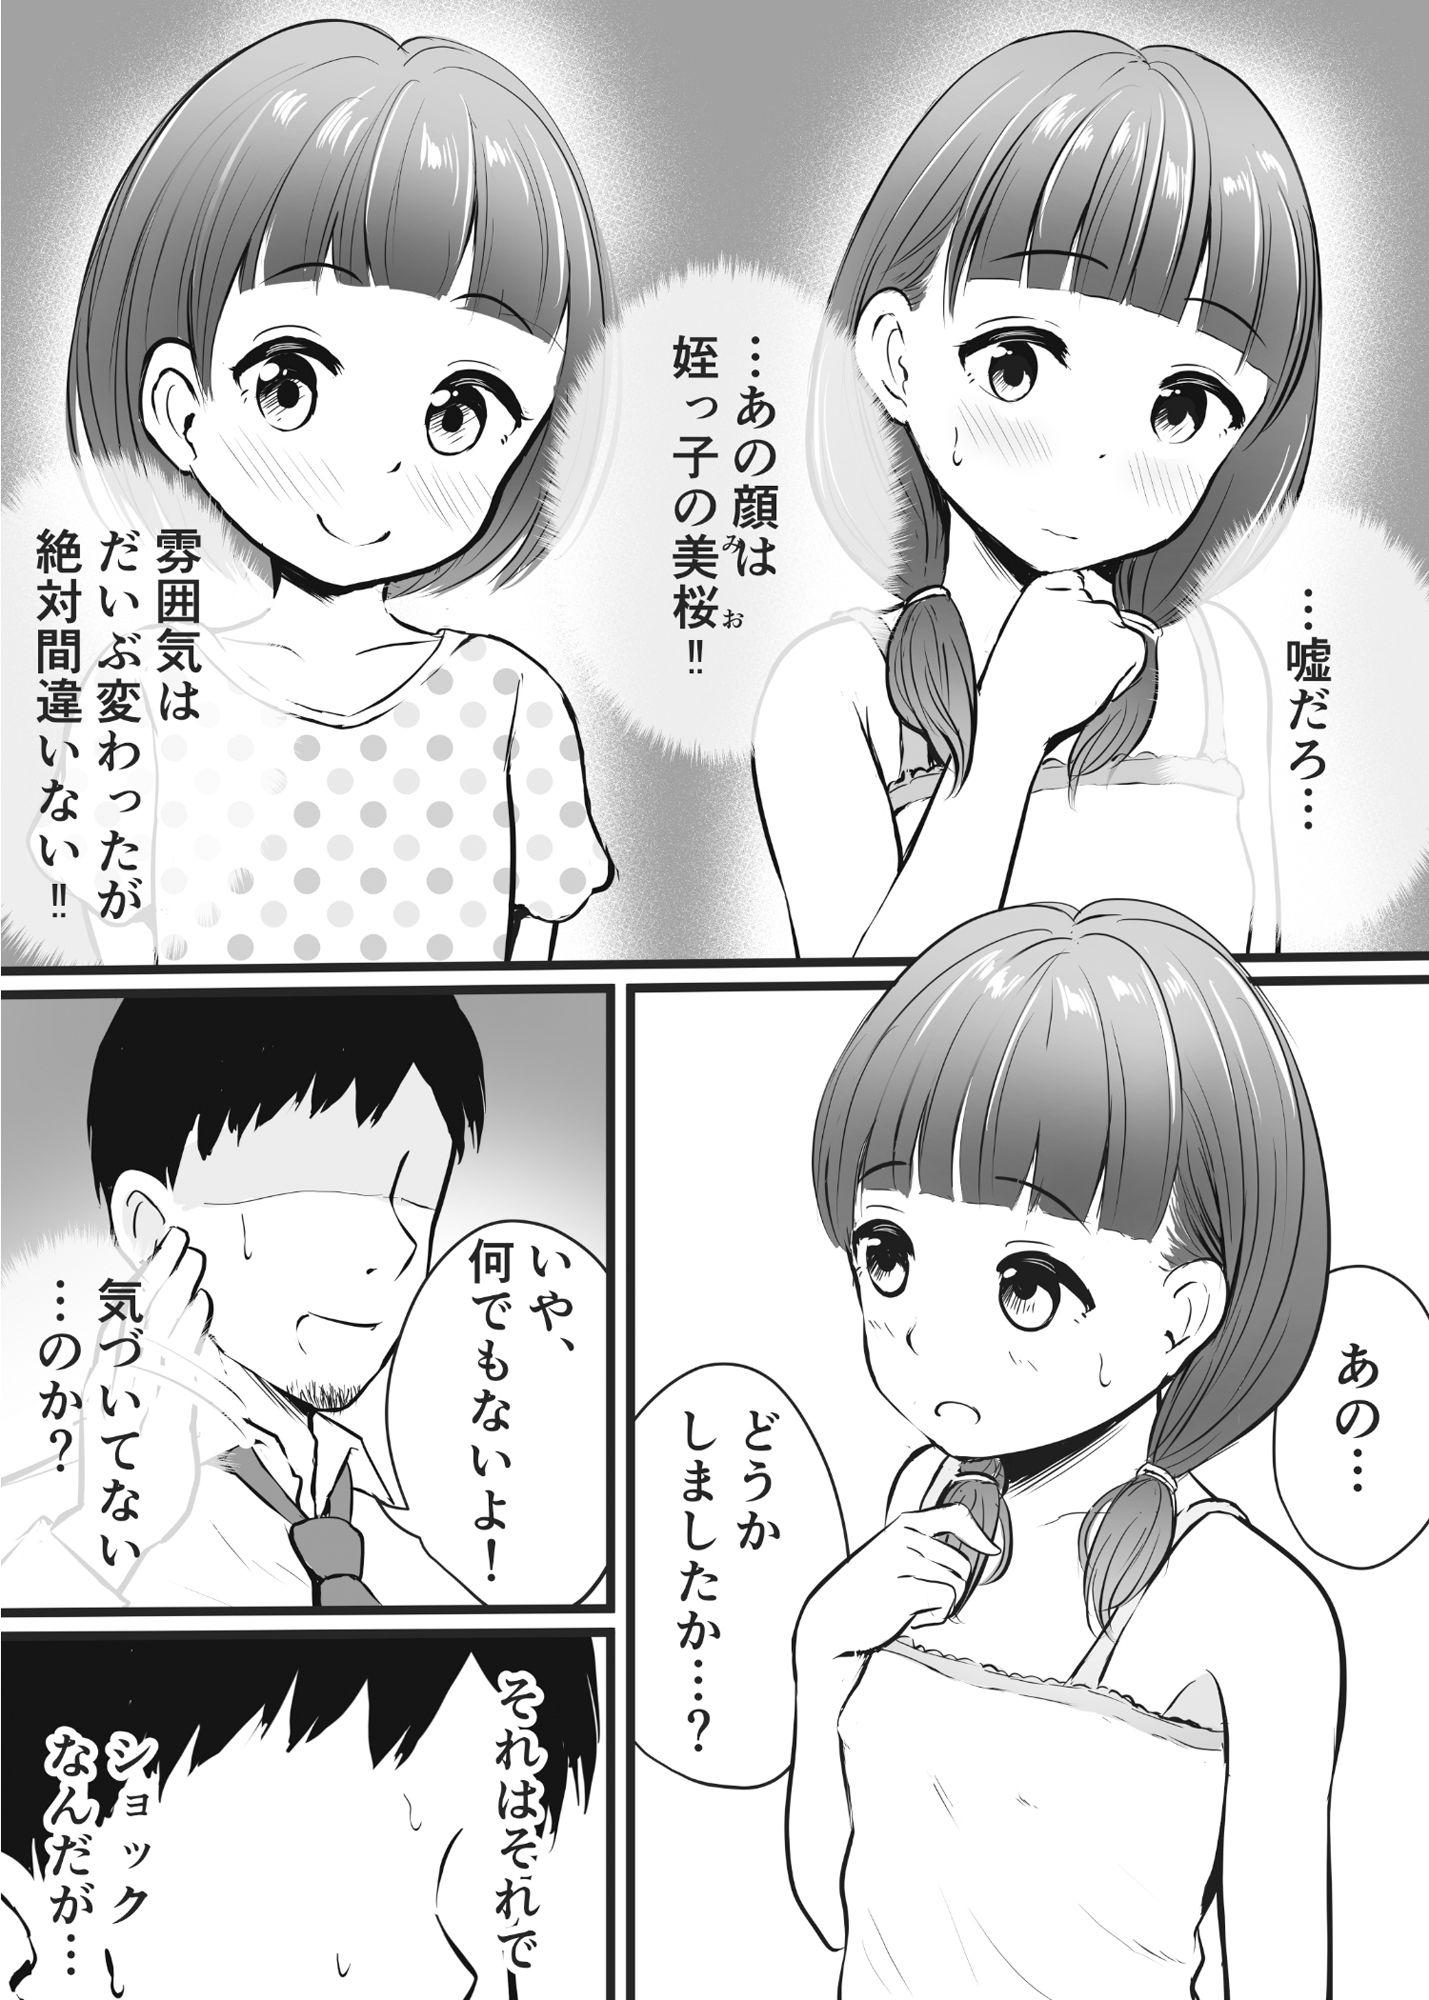 【エロ漫画無料大全集】怪しいマッサージにいったら親戚の女の子が出てきて…